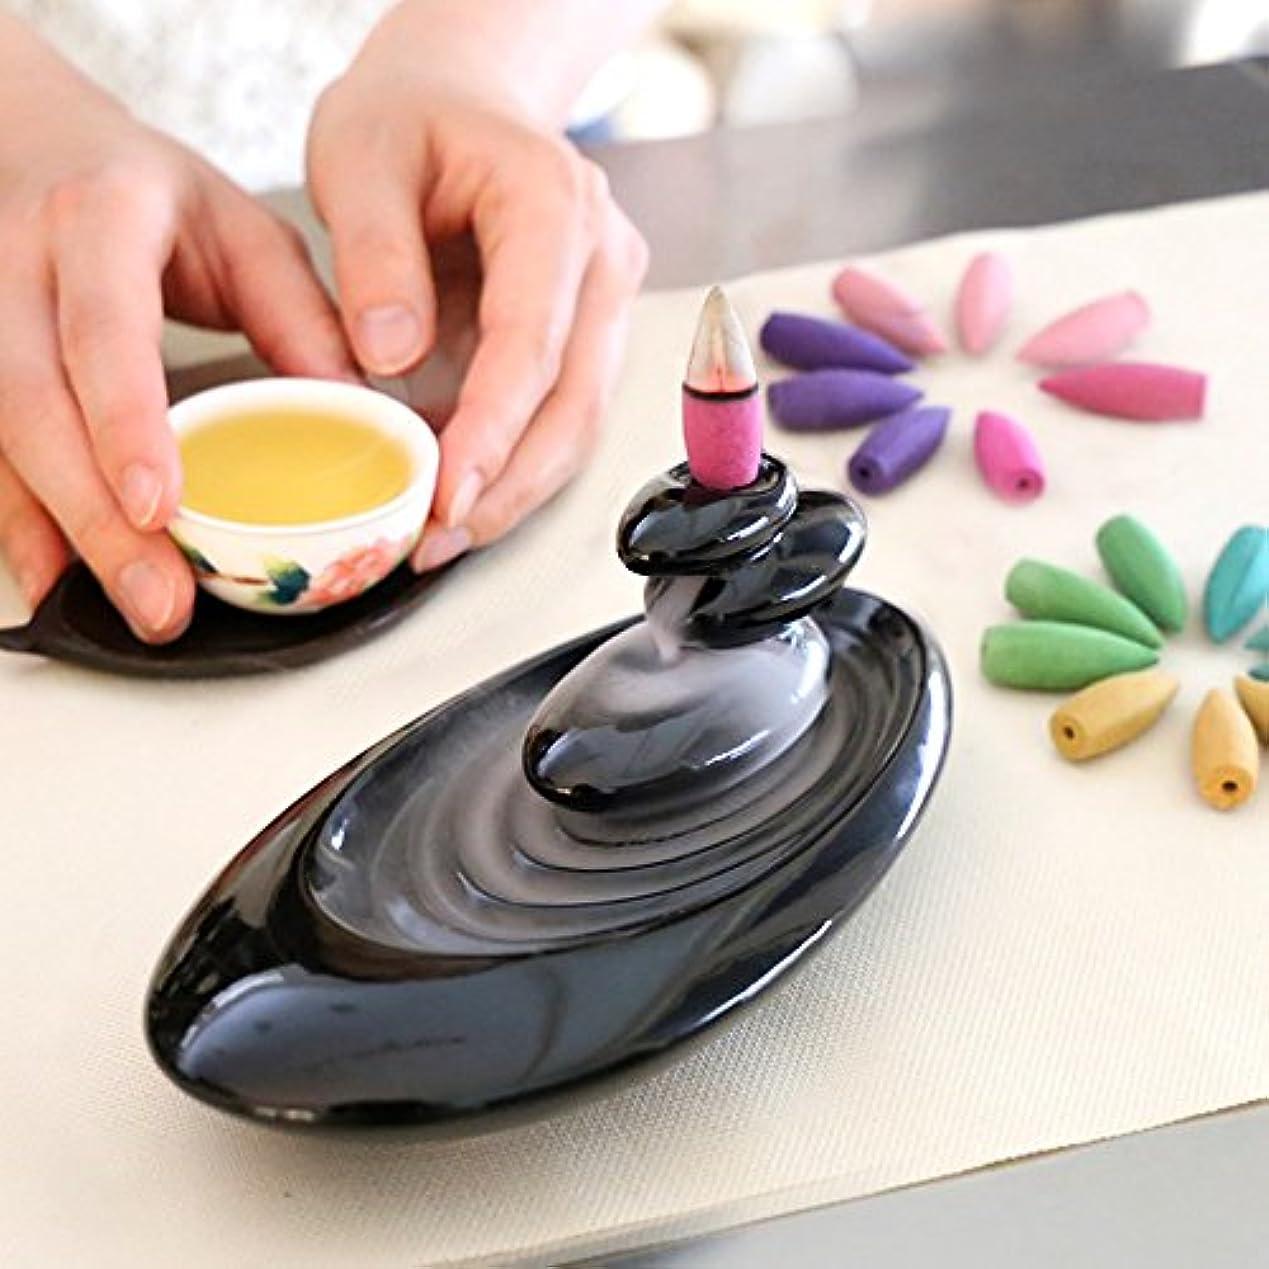 すり無力インフラ倒流香 香炉 シンプル 6種の香り アロマ香炉 ギフトBOX仕様 アロマインセンス 逆流香 誕生日 プレゼント (誕生日カード)